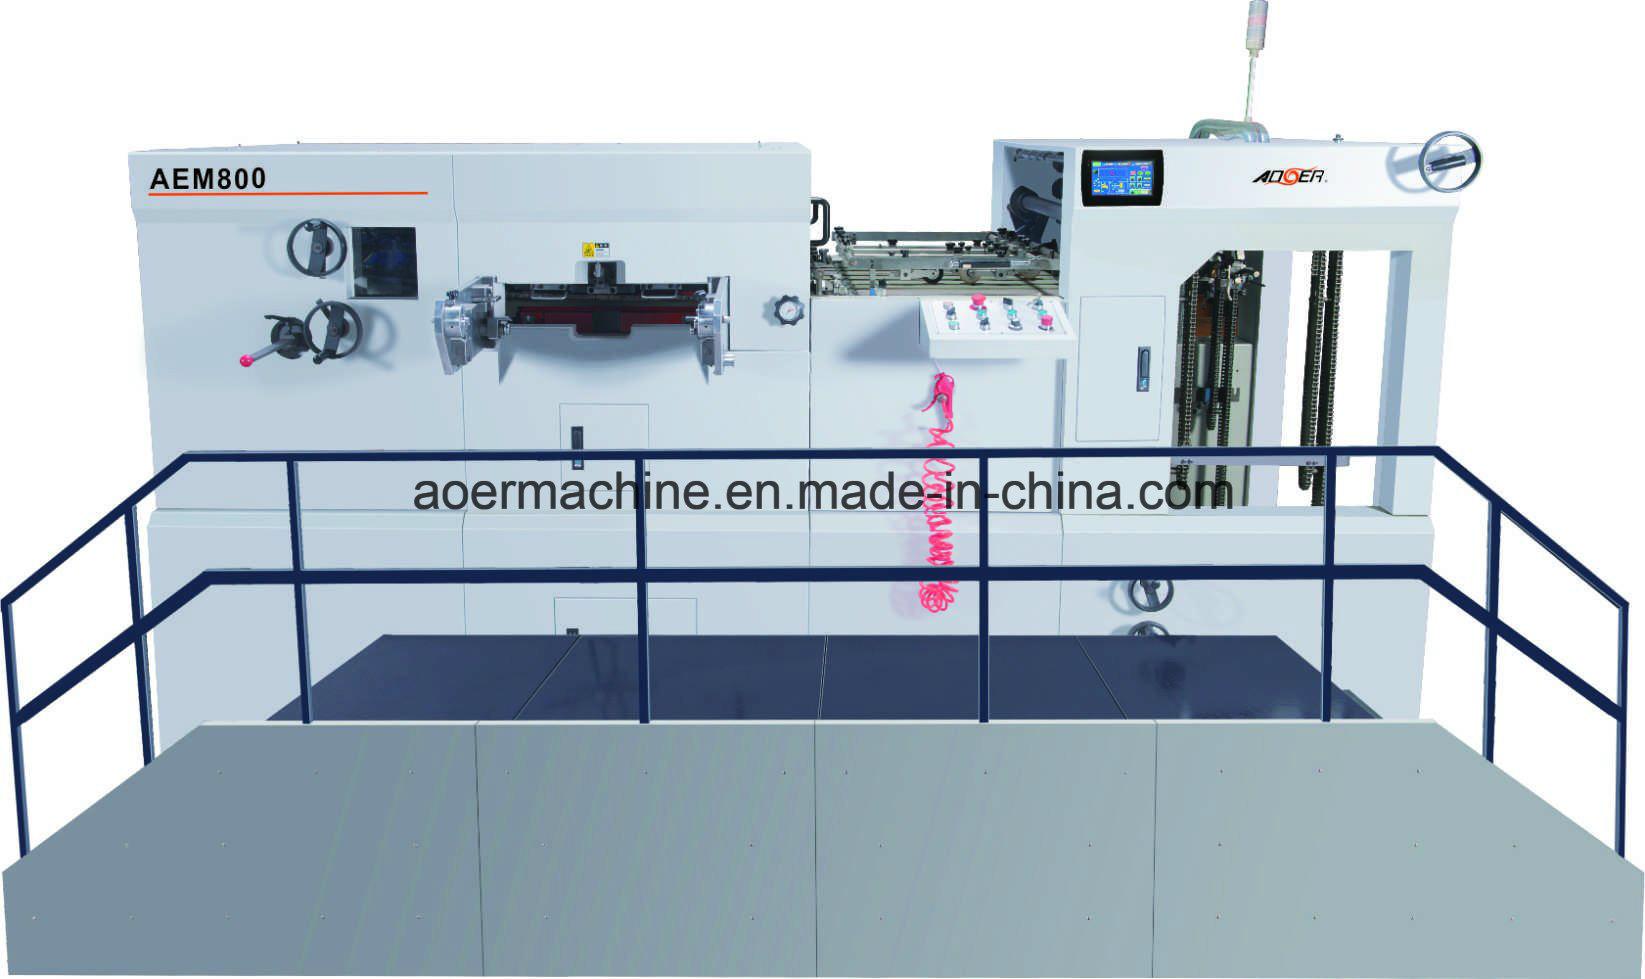 AEM-800 Automatic Die Cutting Machine Corrugated Paper